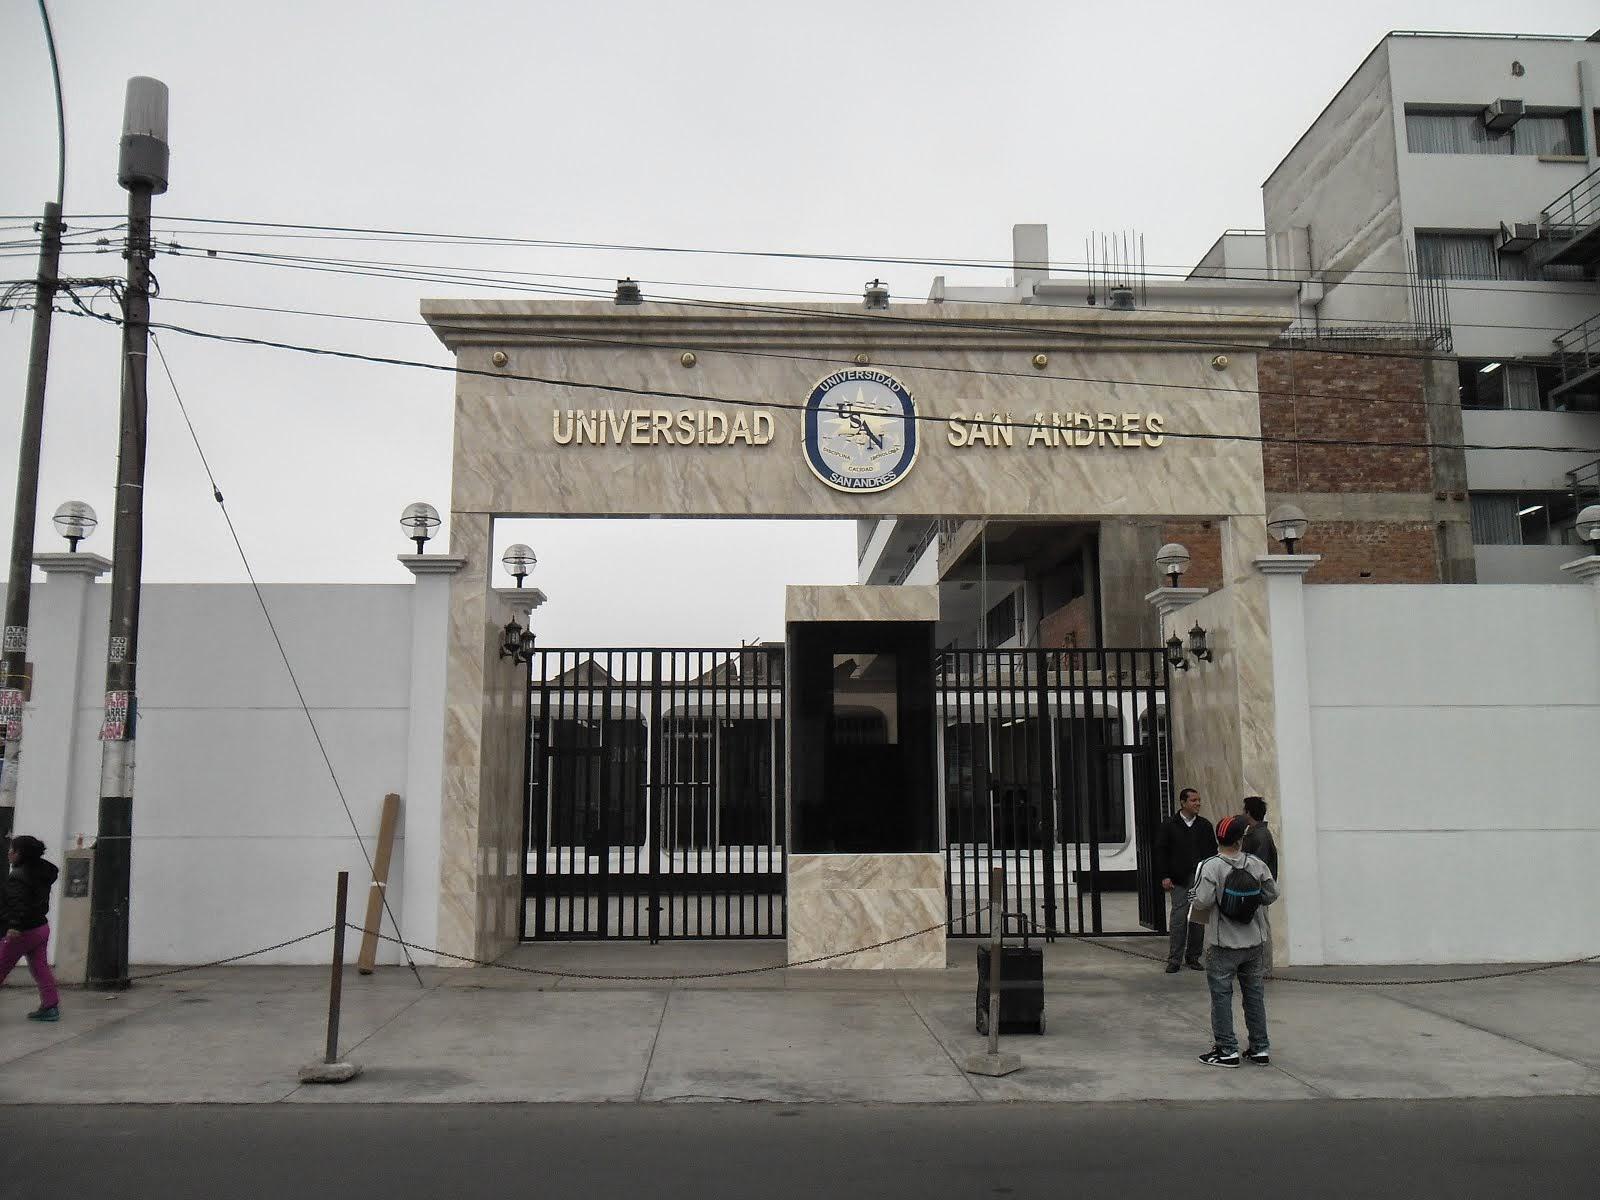 LETRERO ALUMINIO ANODIZADO - UNIVERSIDAD SAN ANDRES